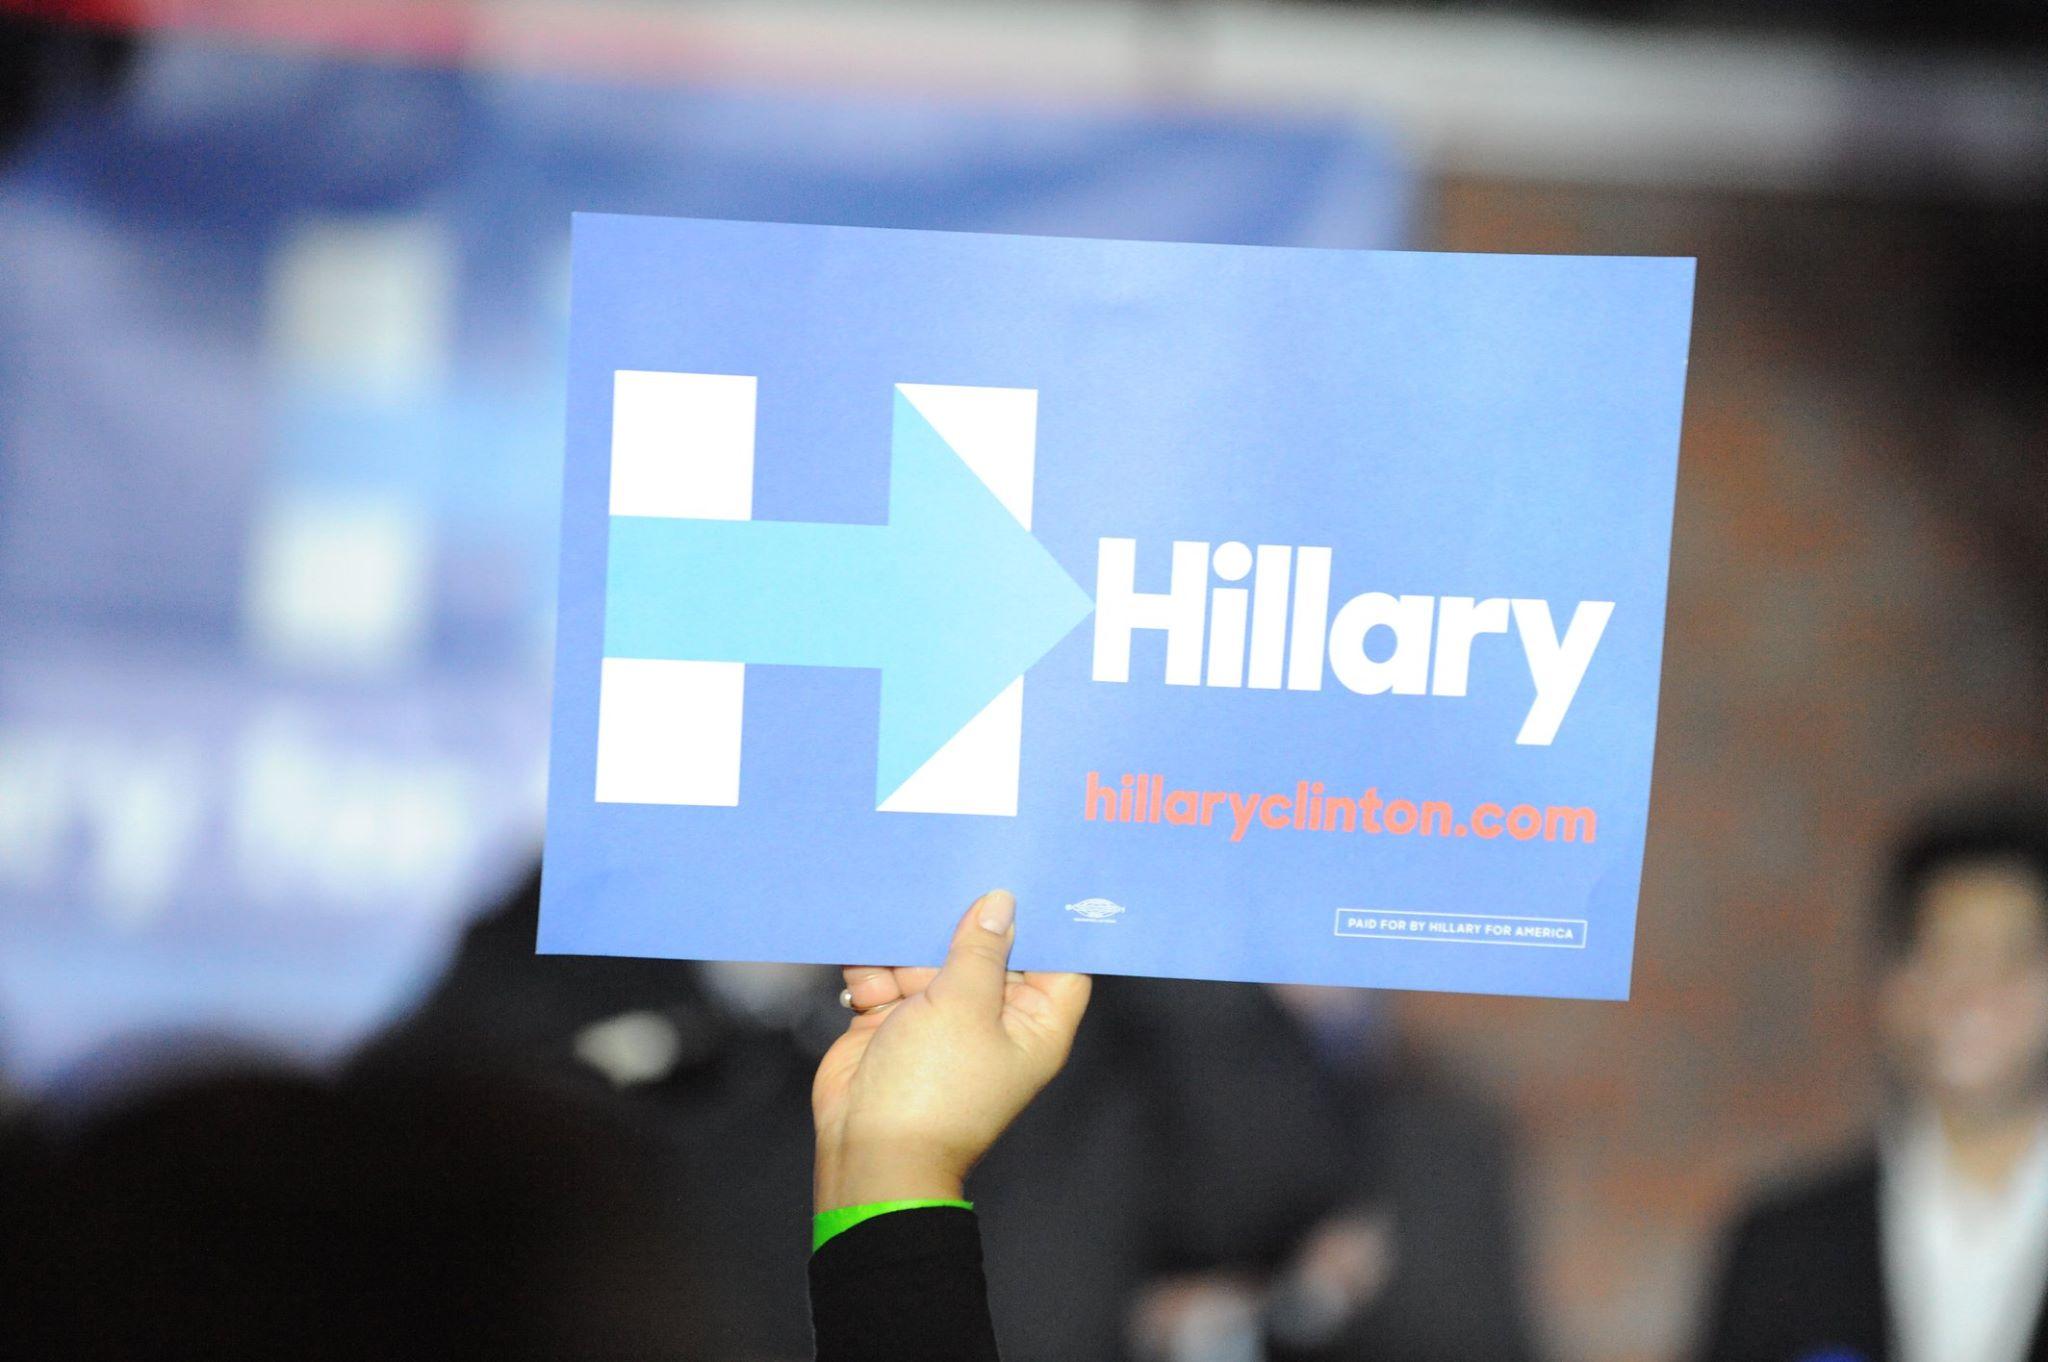 Una seguidora de Hillary Clinton sostiene un cartel de apoyo durante un acto en Virginia. Foto de Miguel Ángel Álvarez.